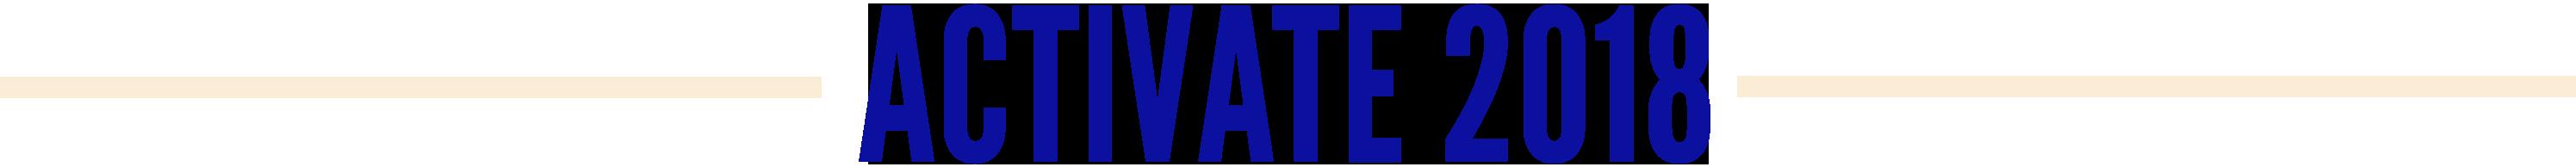 Activate 2018 RECAP